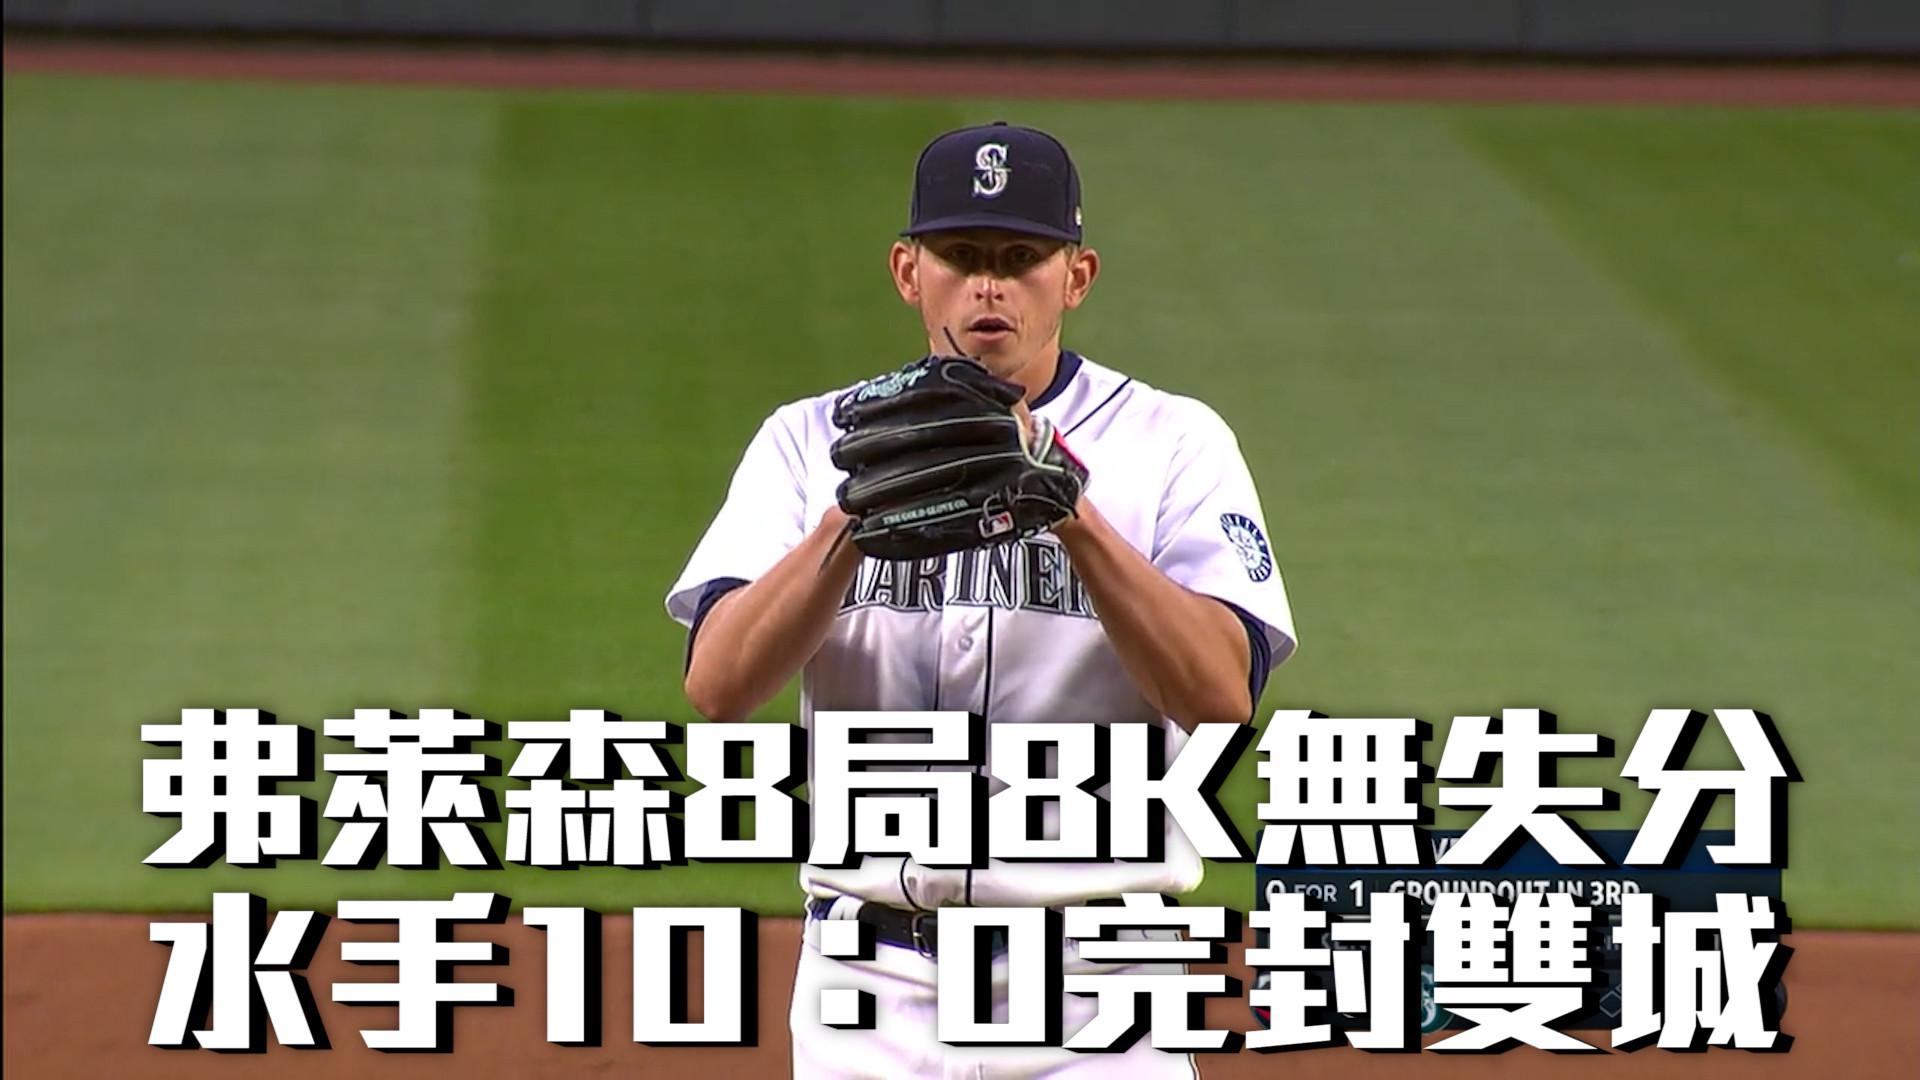 【MLB看愛爾達】弗萊森8局8K無失分 水手10:0完封雙城 06/16